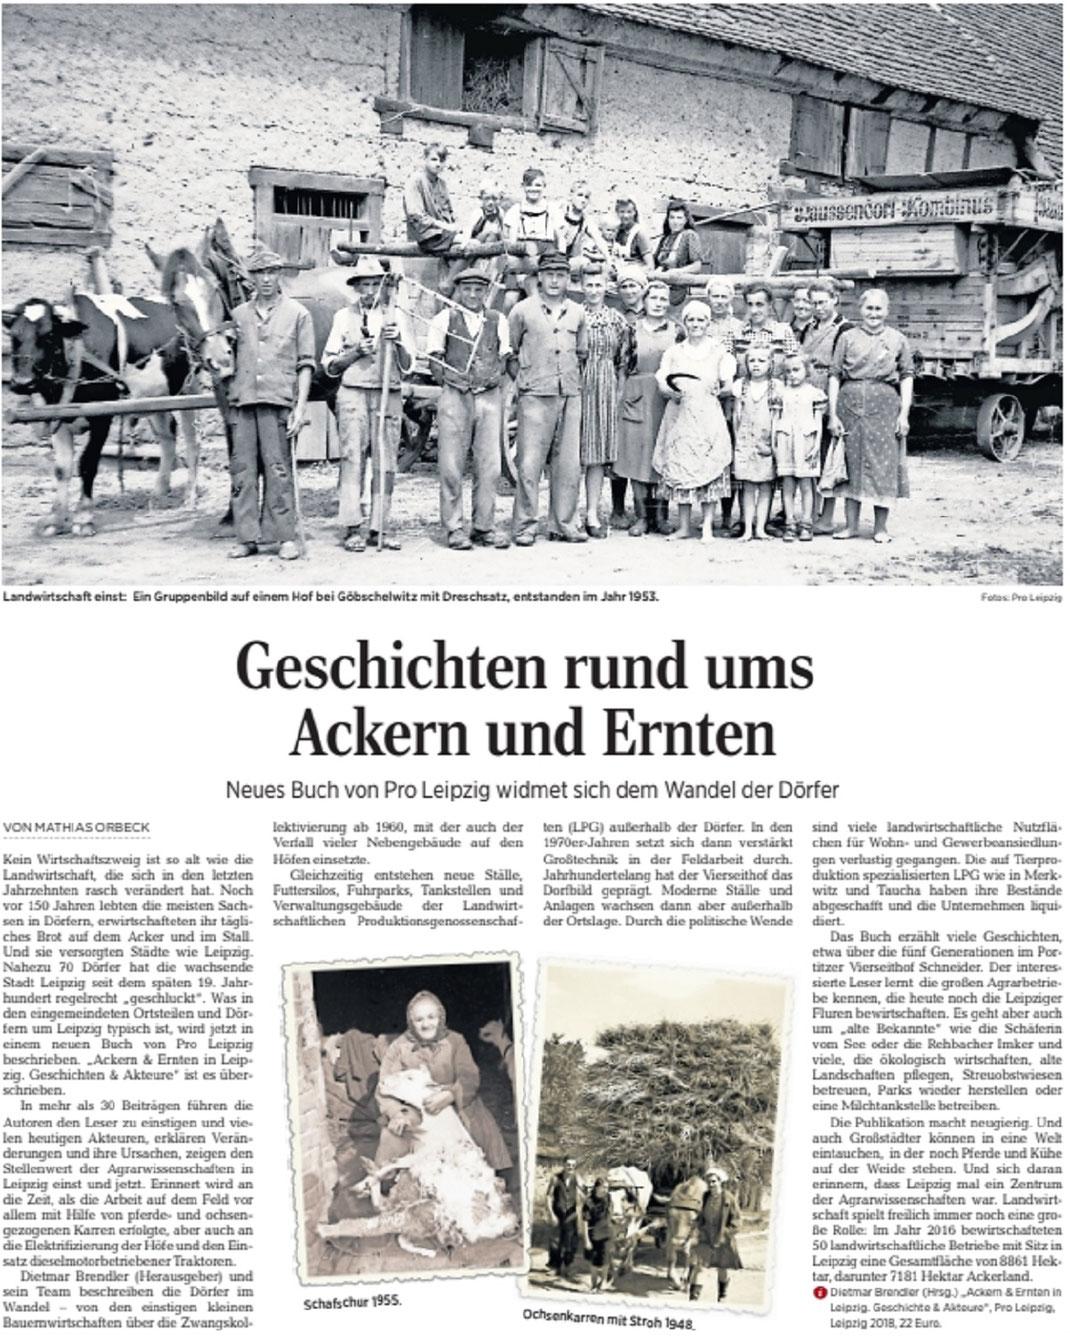 LVZ-Artikel zum Pro-Leipzig-Buch Ackern und Ernten vom 8. Mai 2018